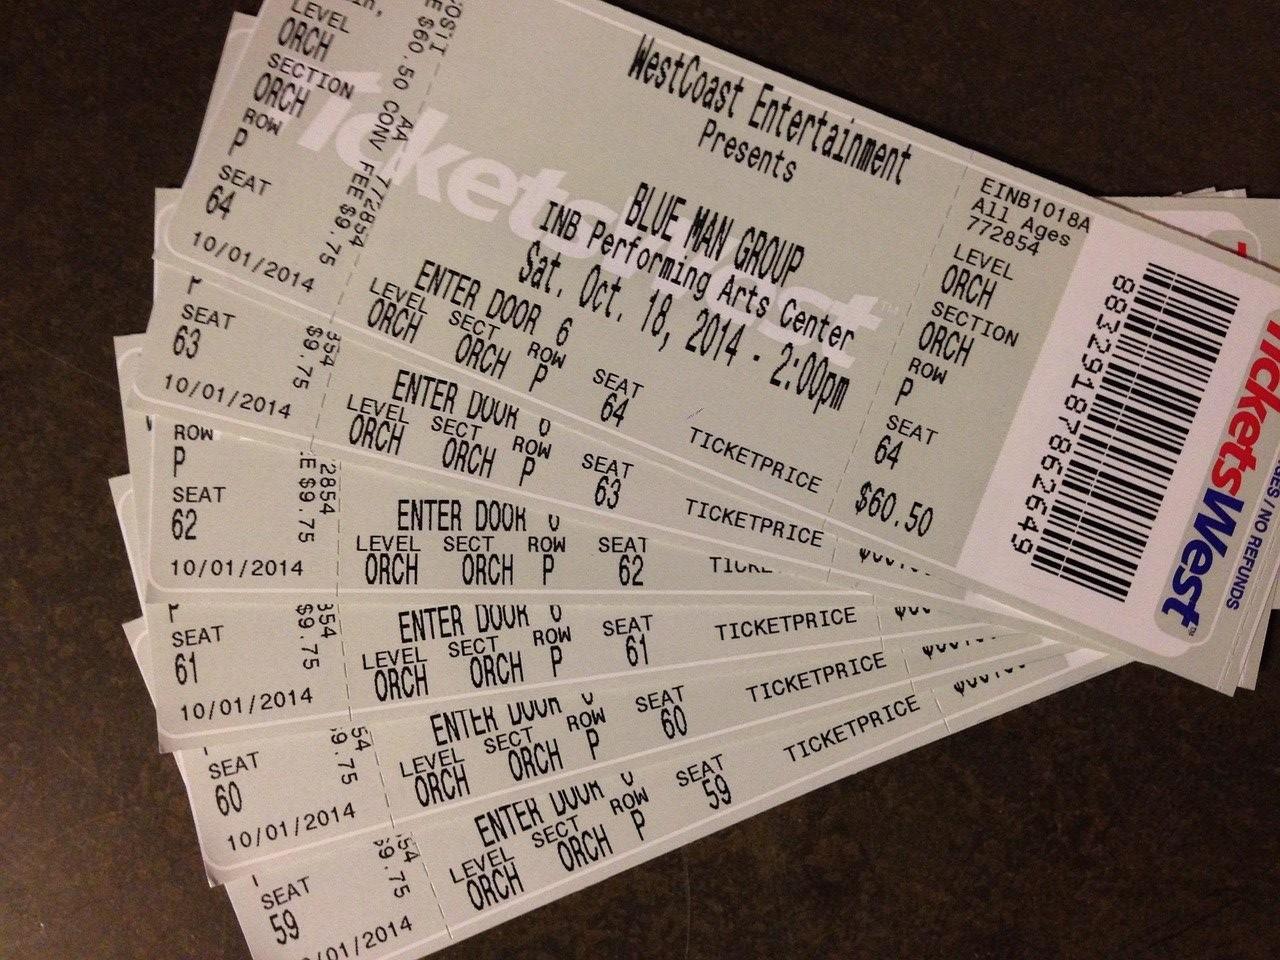 Get 'em Concert Tickets for Less